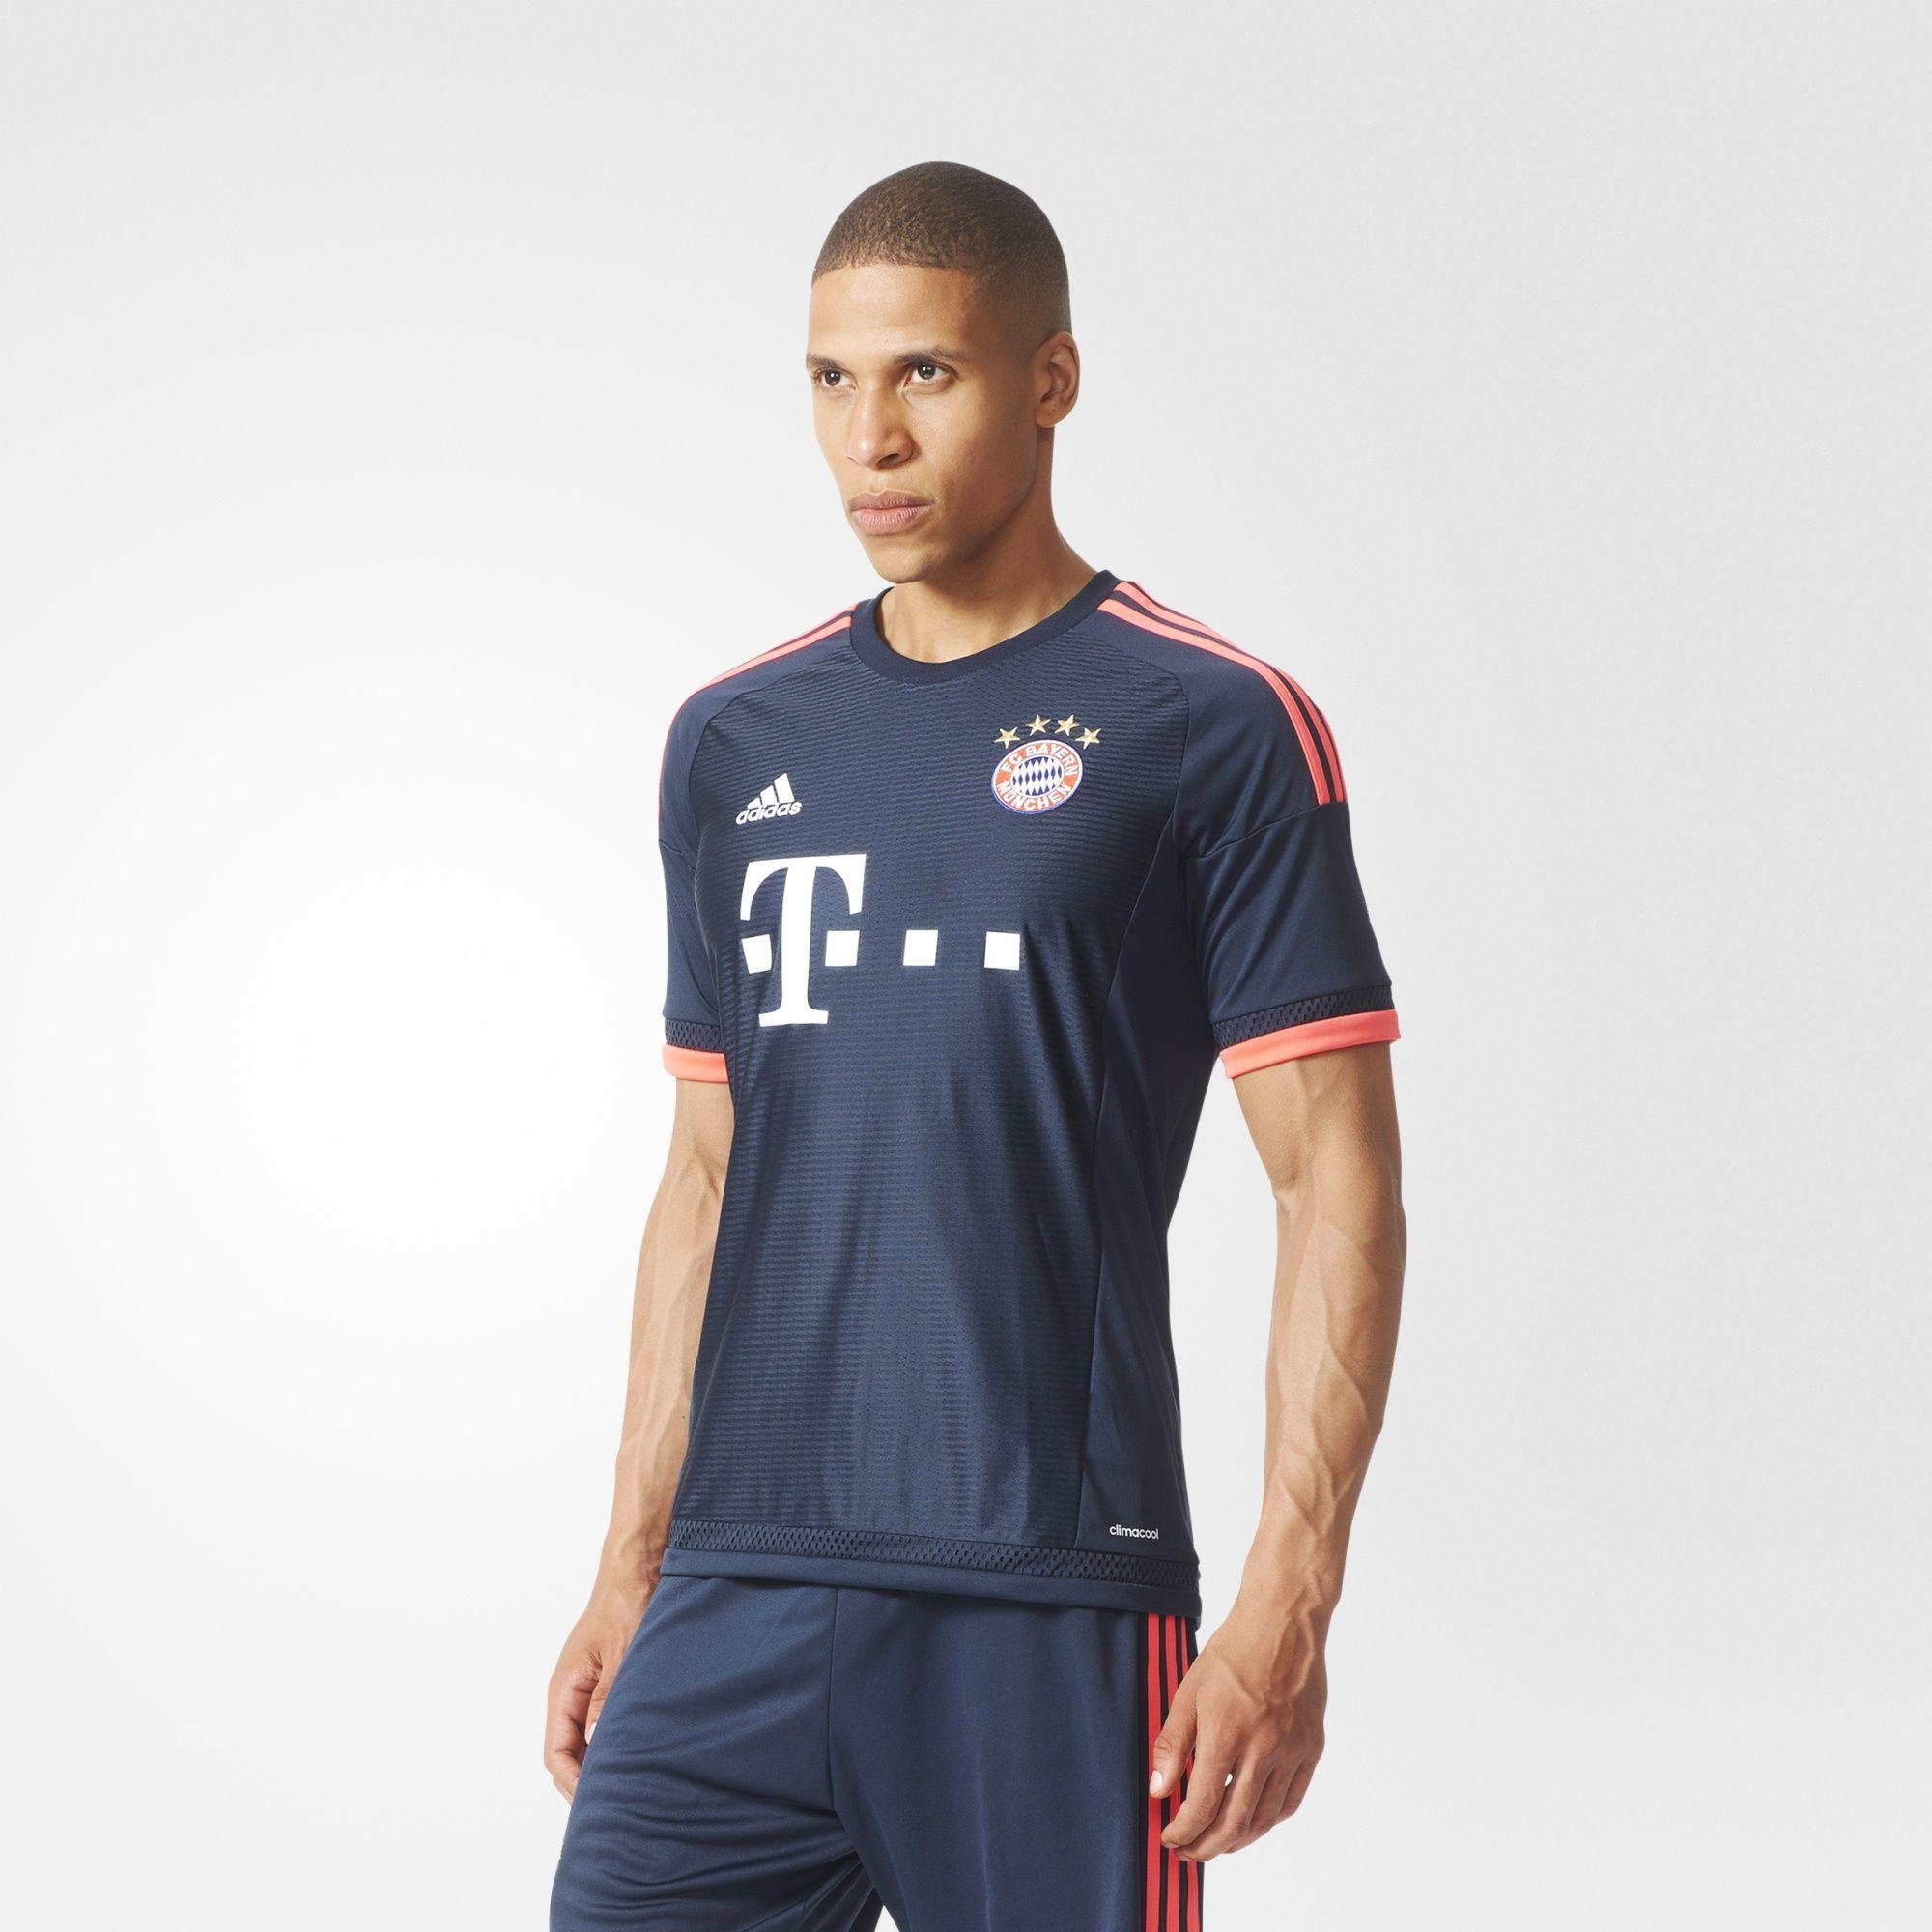 Adidas: Jersey Bayern Munich (visita)